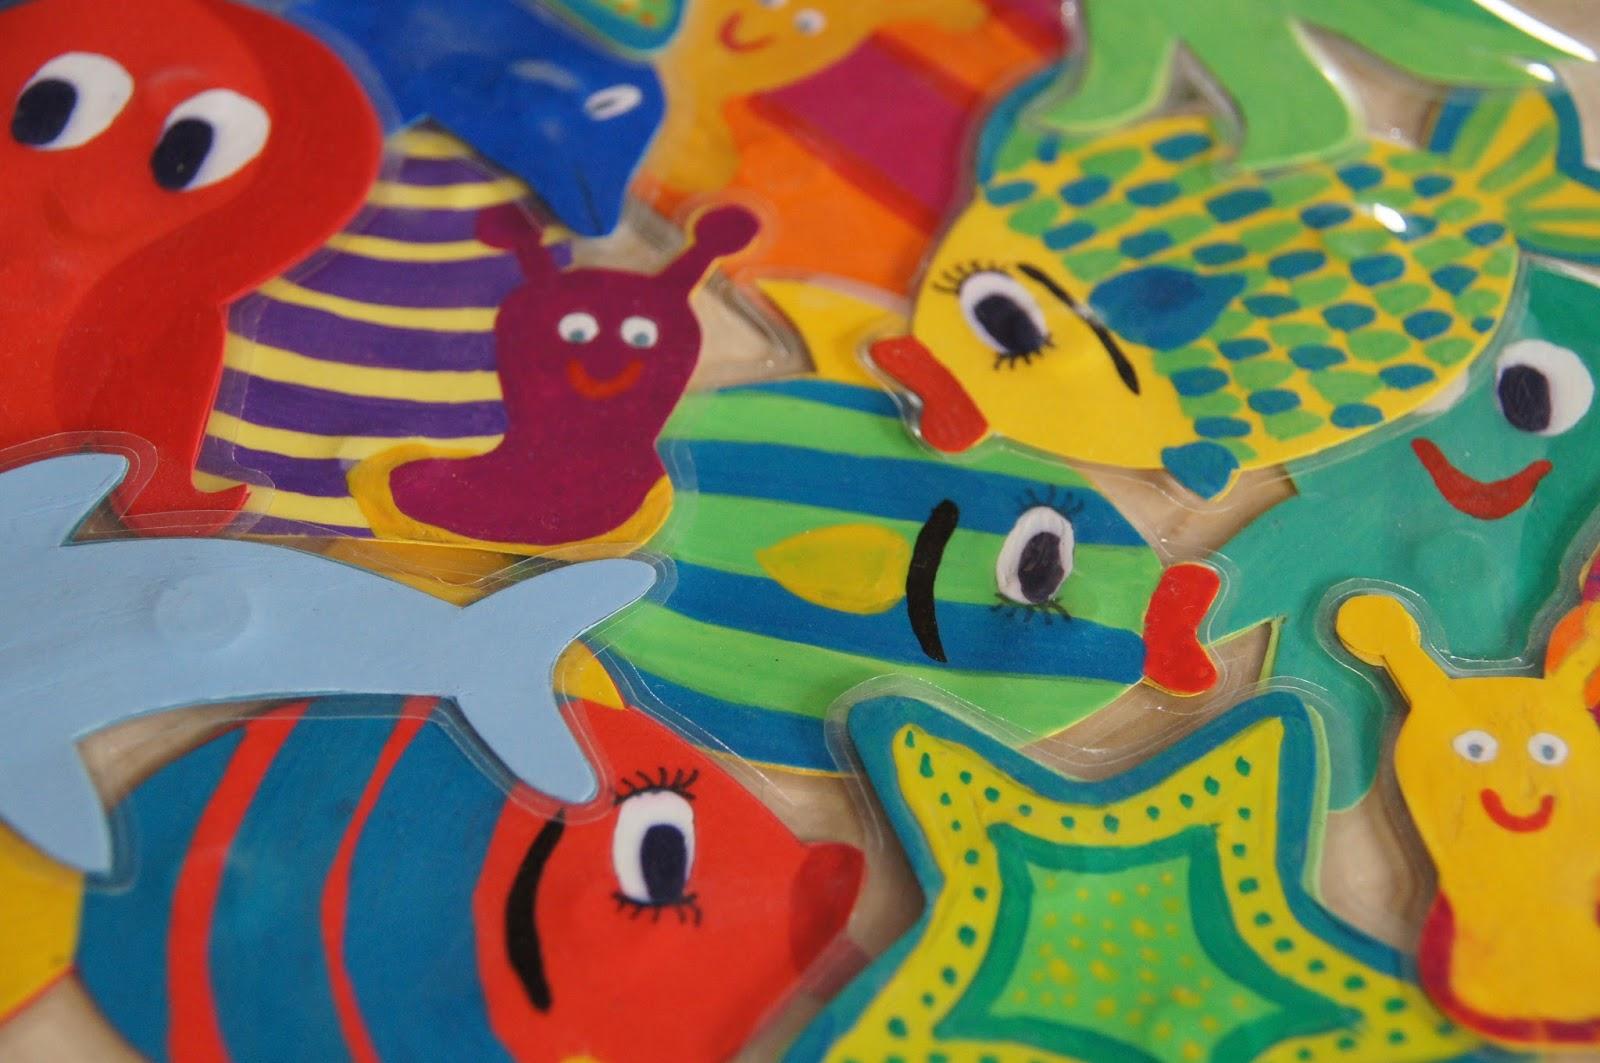 Wanddeko Aus Holz FUr Kinderzimmer ~   aus Du brauchst für jeden fertigen Fisch 2 kongruente Papierfische